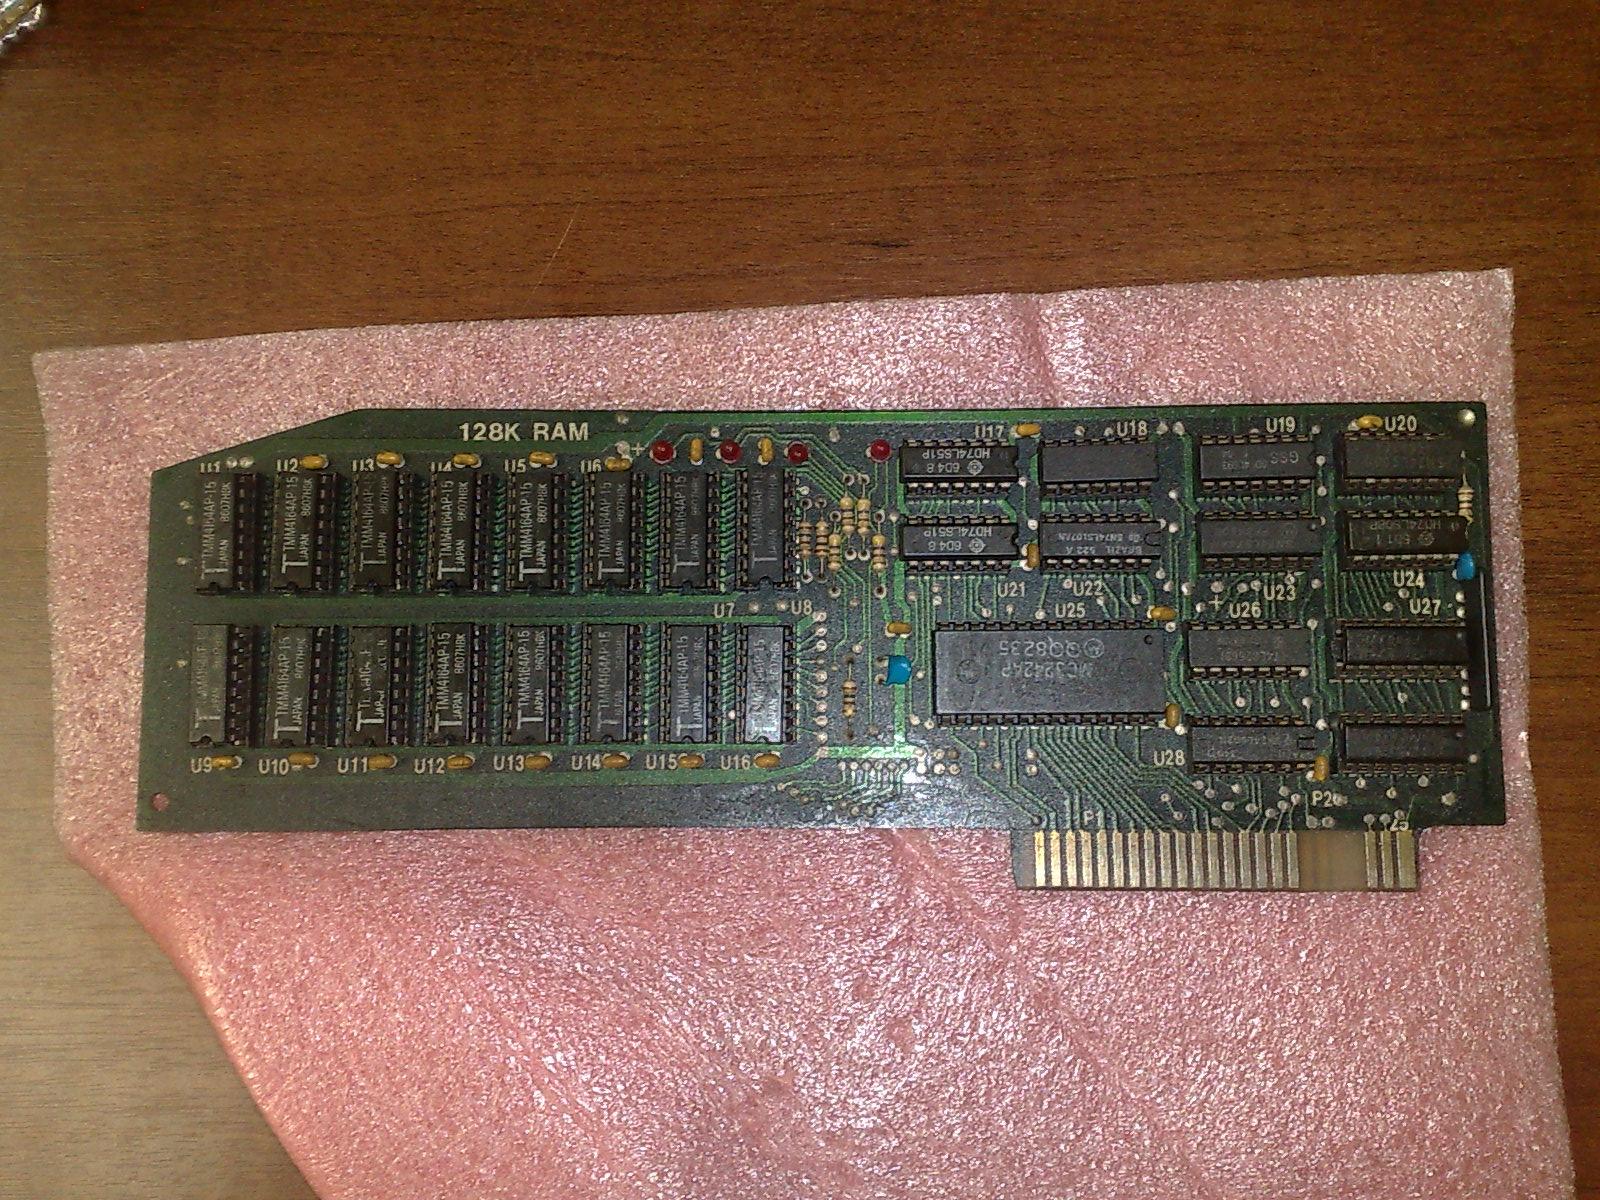 Placa de expansão de memória para o Apple II